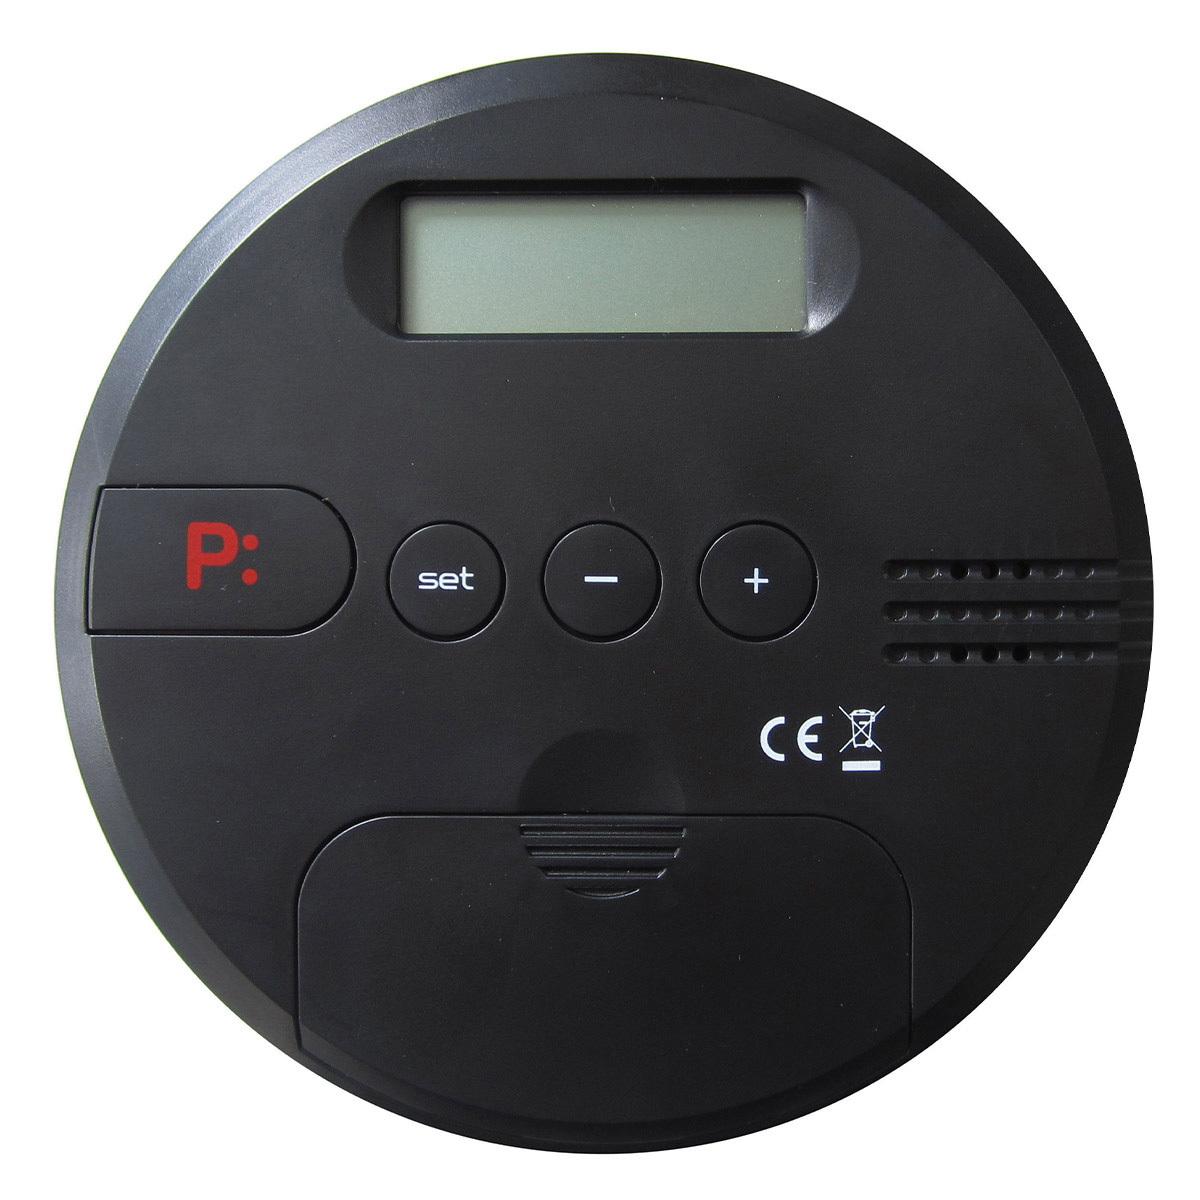 98-1113-01-elektronische-parkscheibe-gopark-ansicht1-1200x1200px.jpg